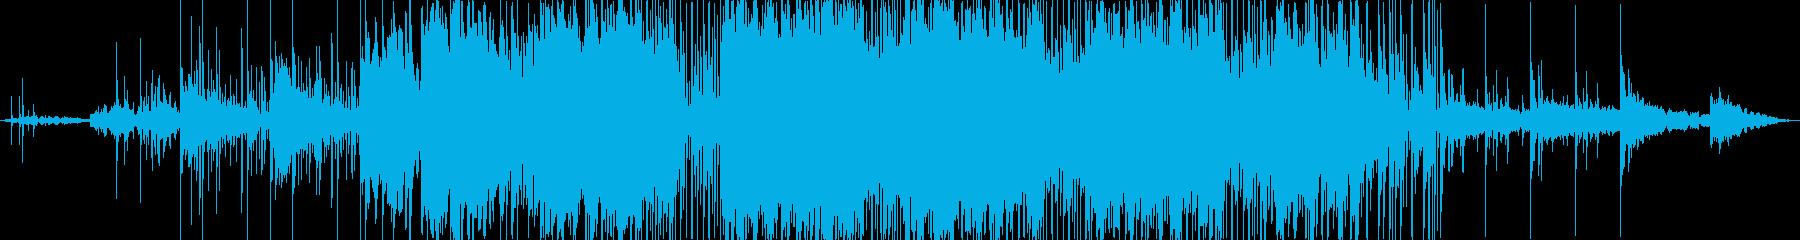 動画 パーカッション シンセサイザ...の再生済みの波形